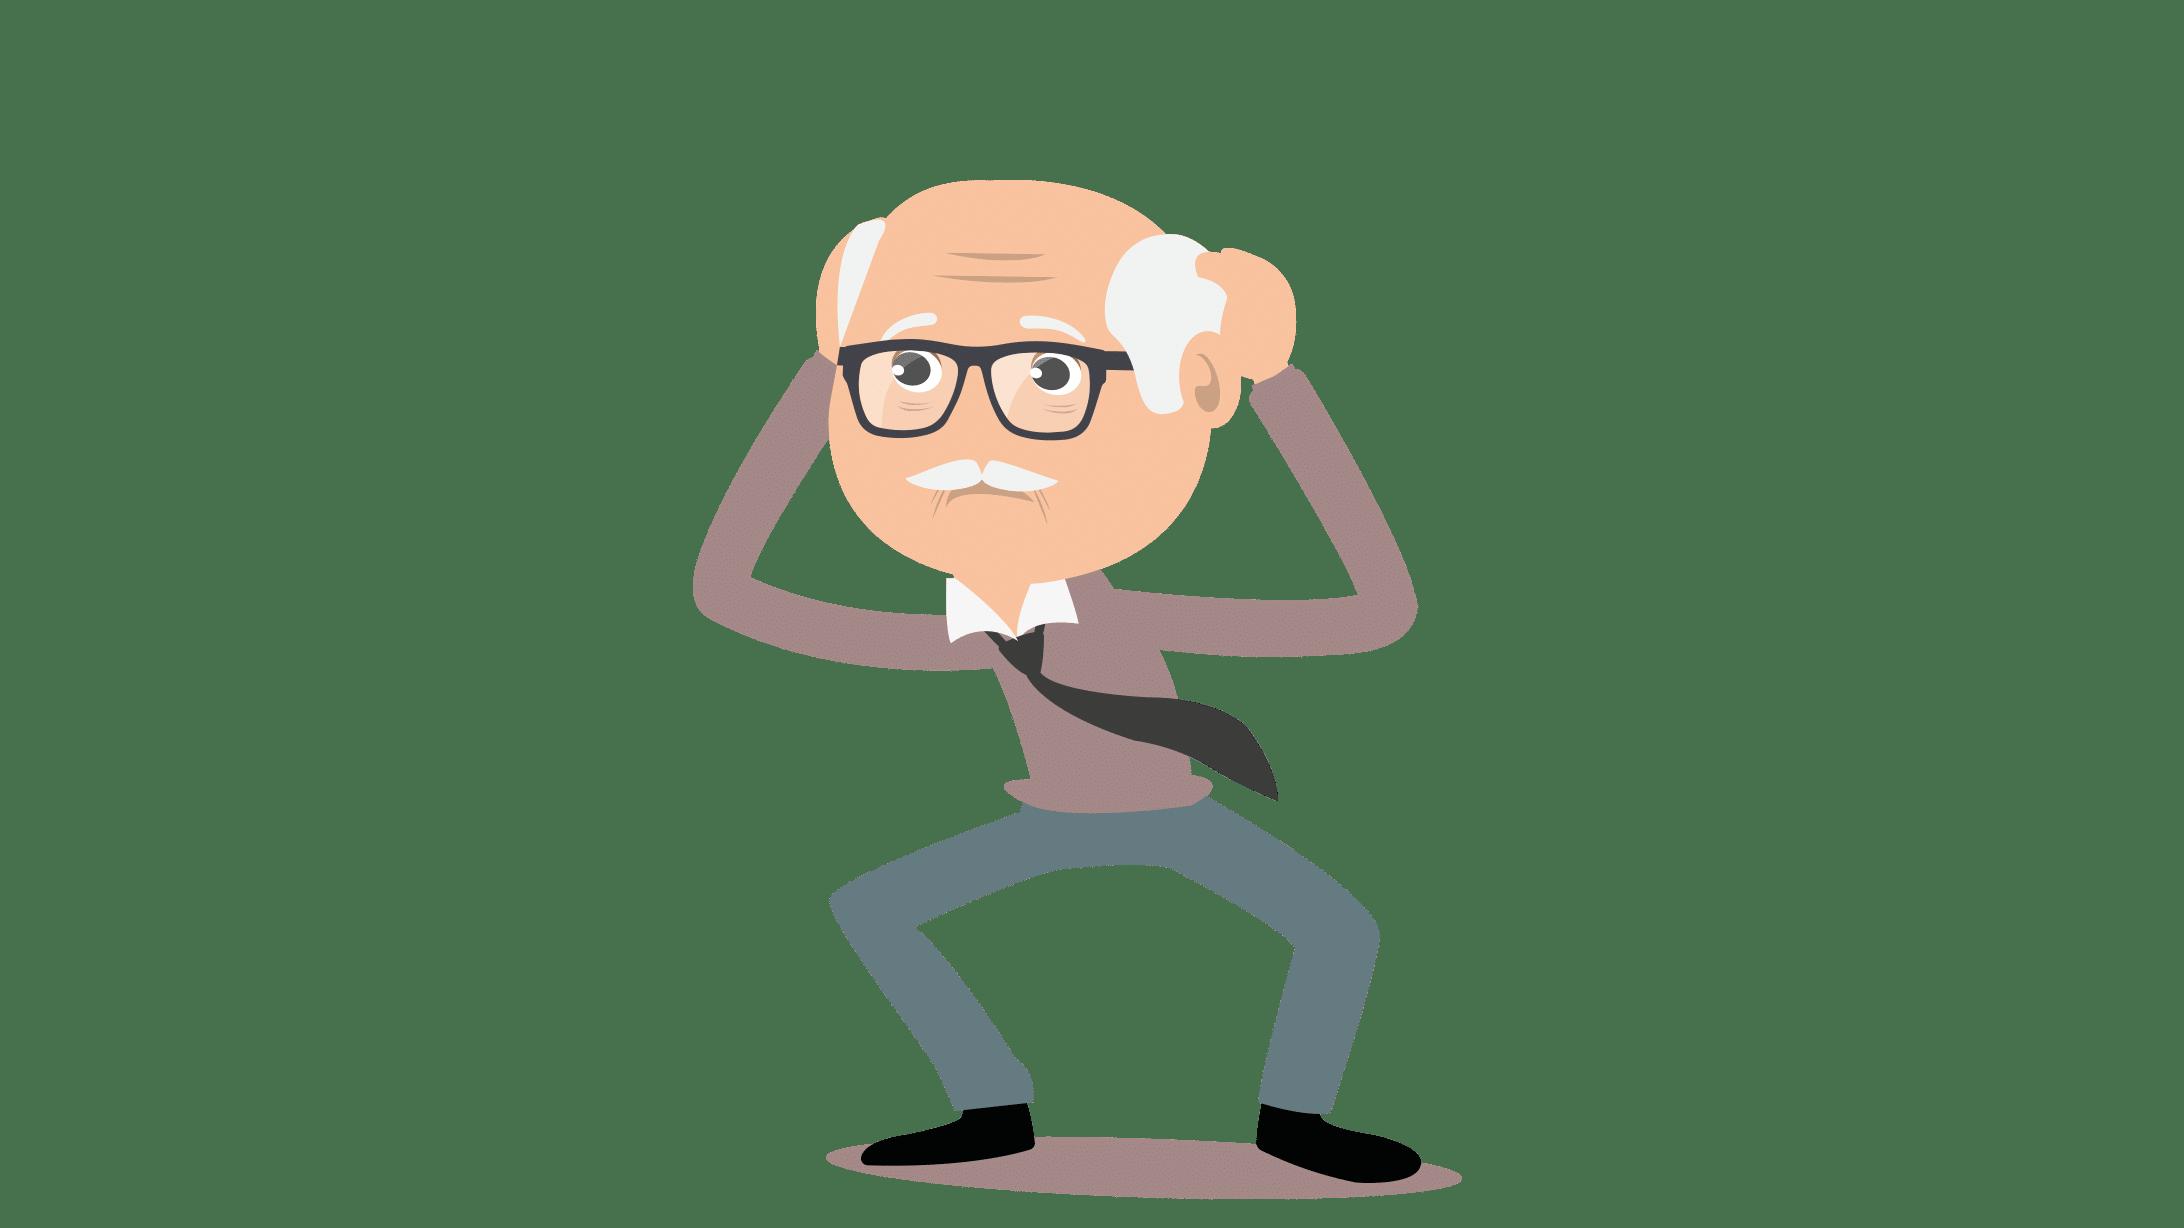 Illustration eines älteren Mannes, der nicht weiss, was er tun soll.